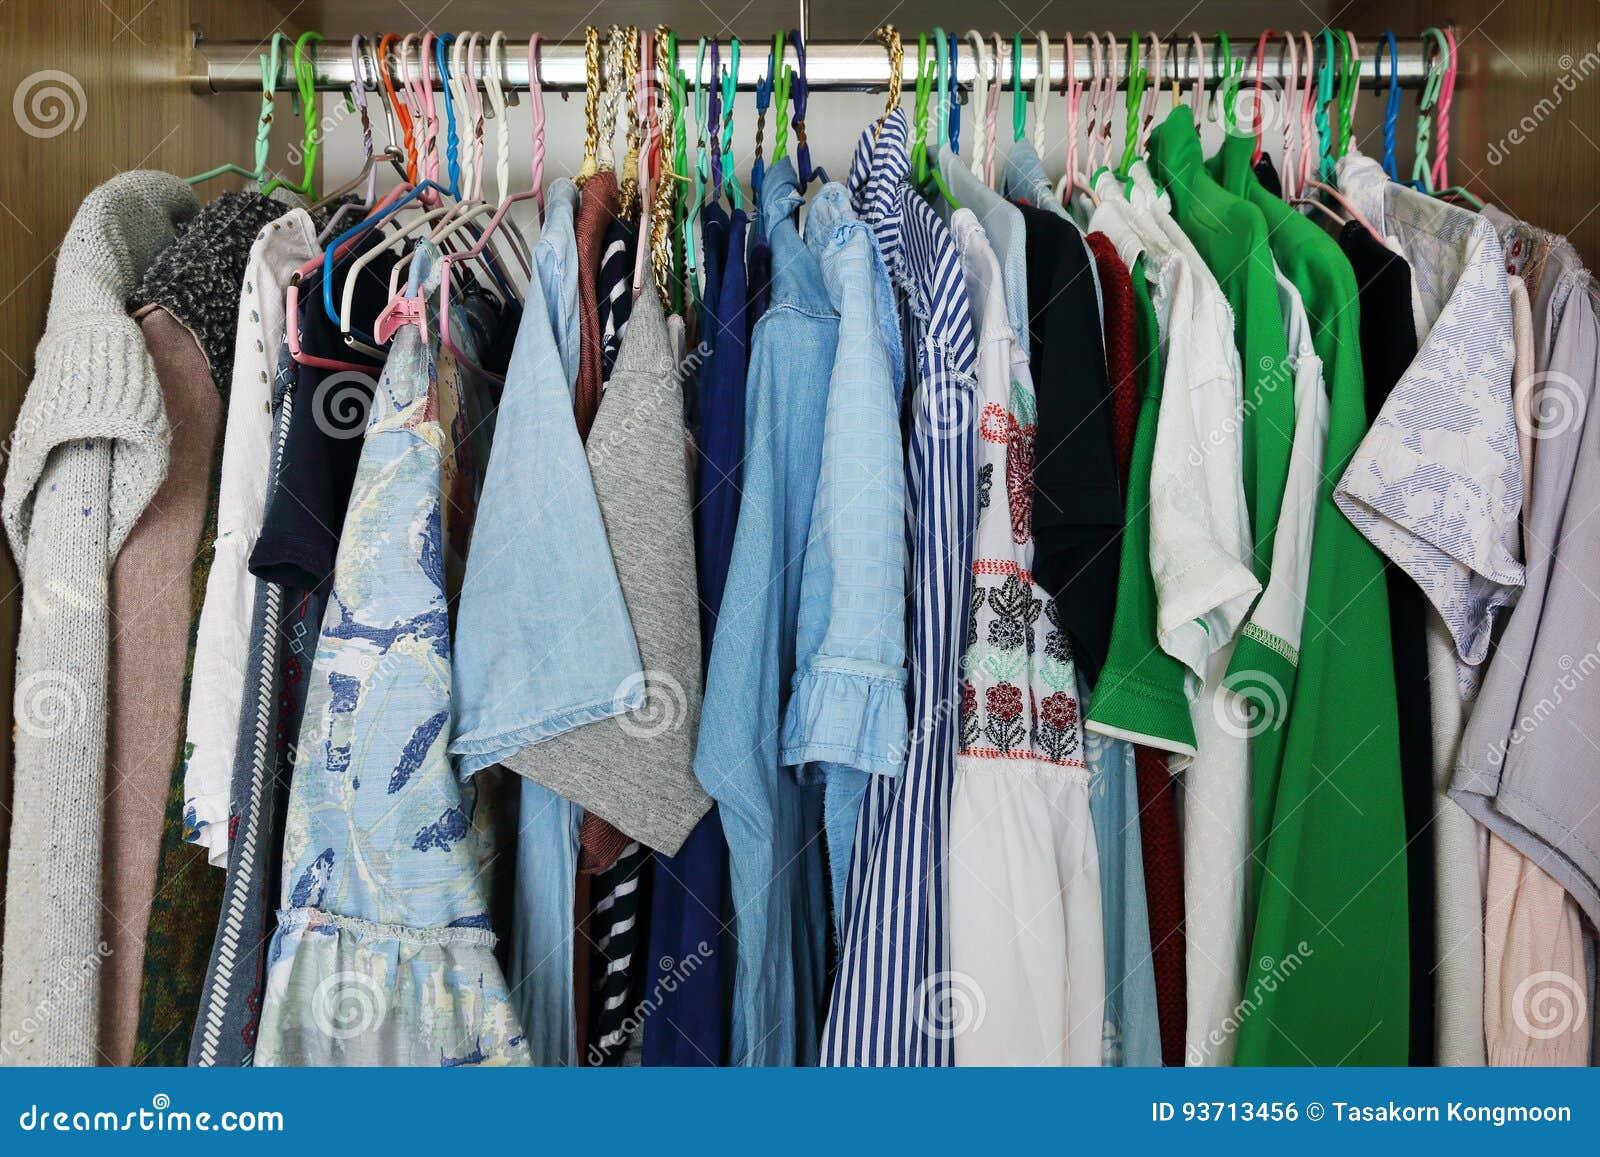 clothes hang in closet